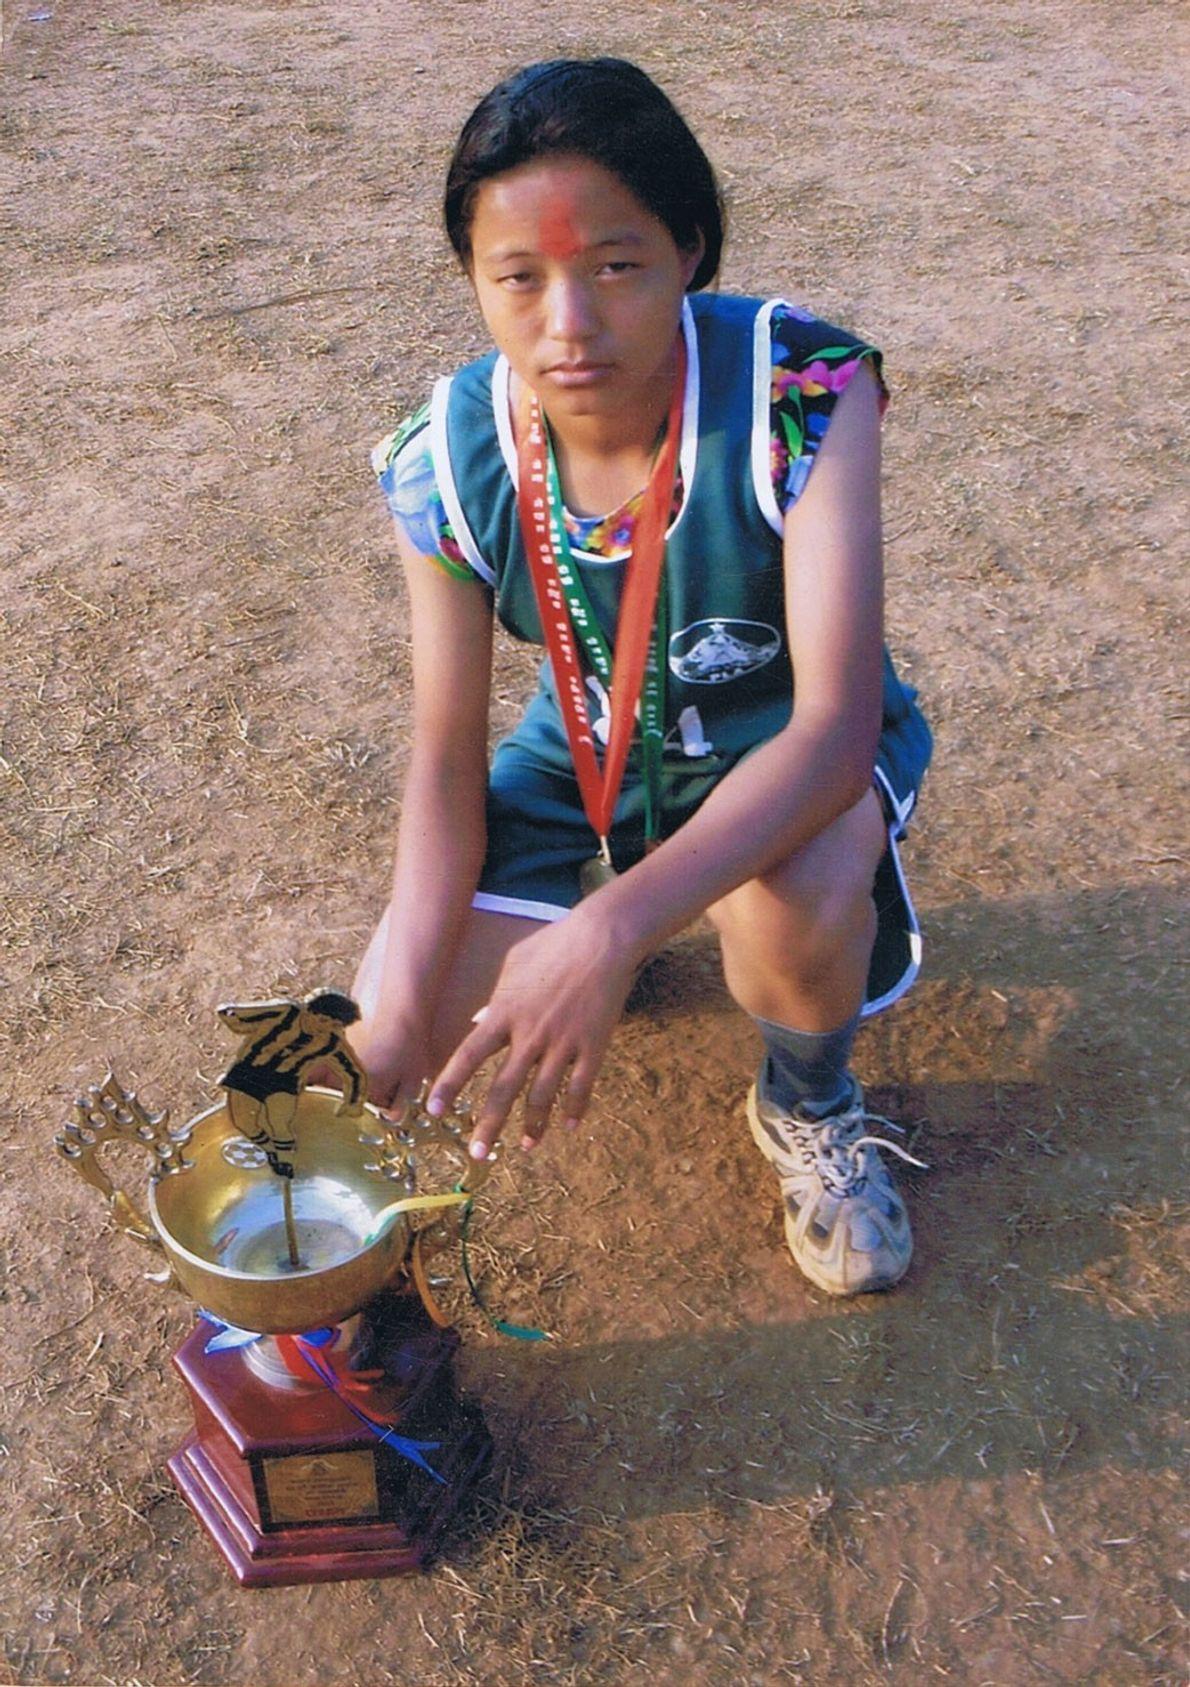 Imagem da Mira Rai mais nova após ter vencido uma corrida.